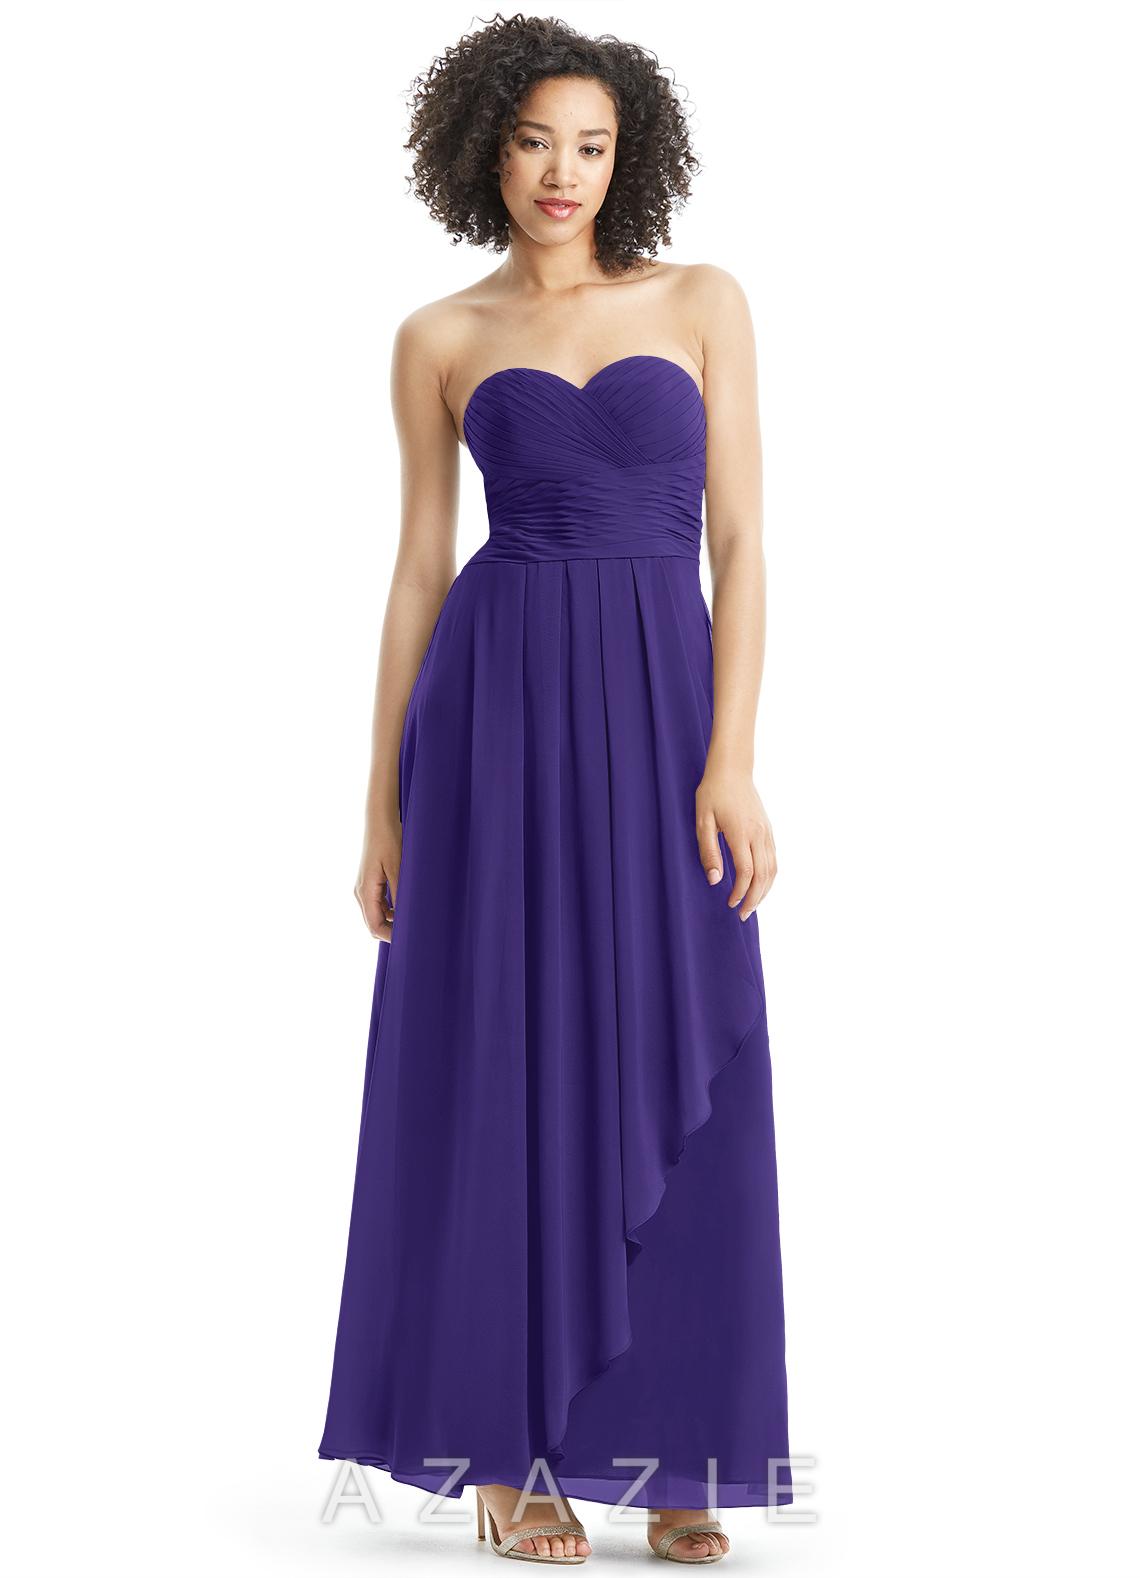 Regency Color Dress